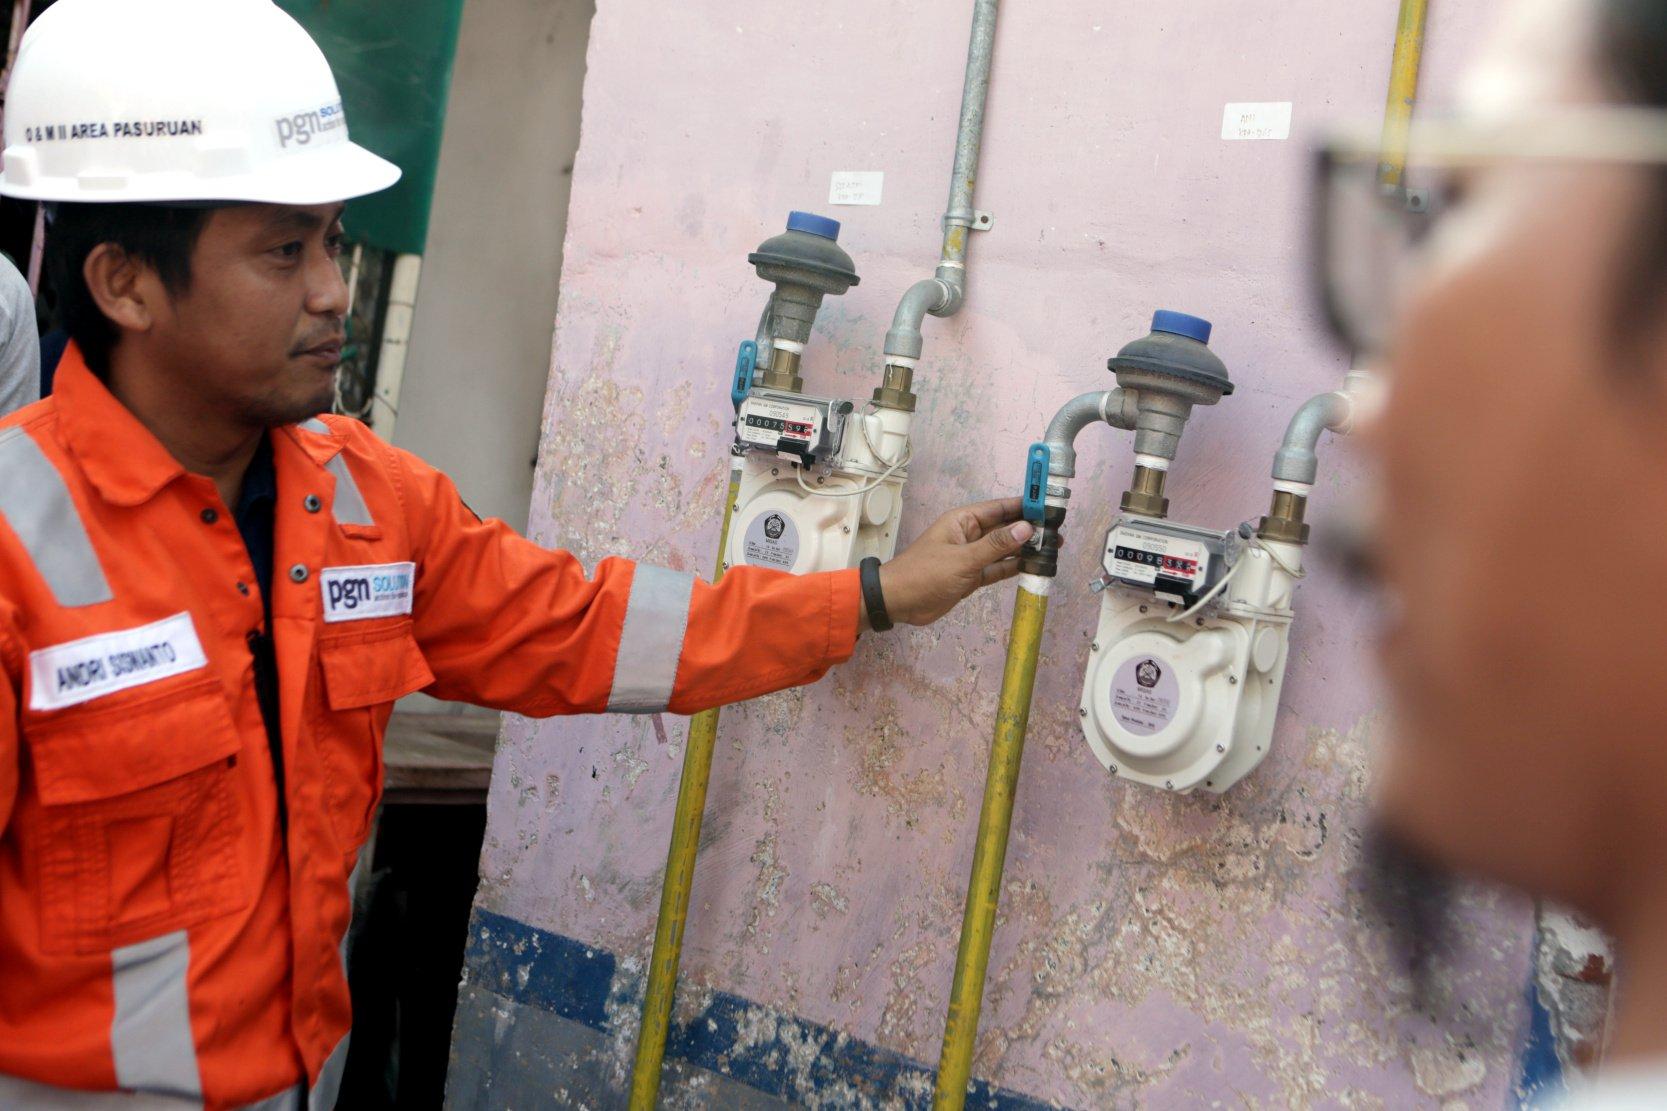 Ilustrasi pekerja memantau jaringan gas (jargas) di Jalan Hasanudin, Karanganyar, Jawa Timur (1 7/10/2019).PGN telah mendistribusikan gas Bumi ke 352.433 pelanggan yang terdiri dari rumah tangga, pelanggan kecil, komersial, industri dan pembangkitan listrik sebesar 932 BBTUD. Rinciannya, sektor rumah tangga 348.508 pelanggan, lalu pelanggan kecil sebanyak 1.487 dan industri besar serta komersial sebanyak 2.438 pelanggan.